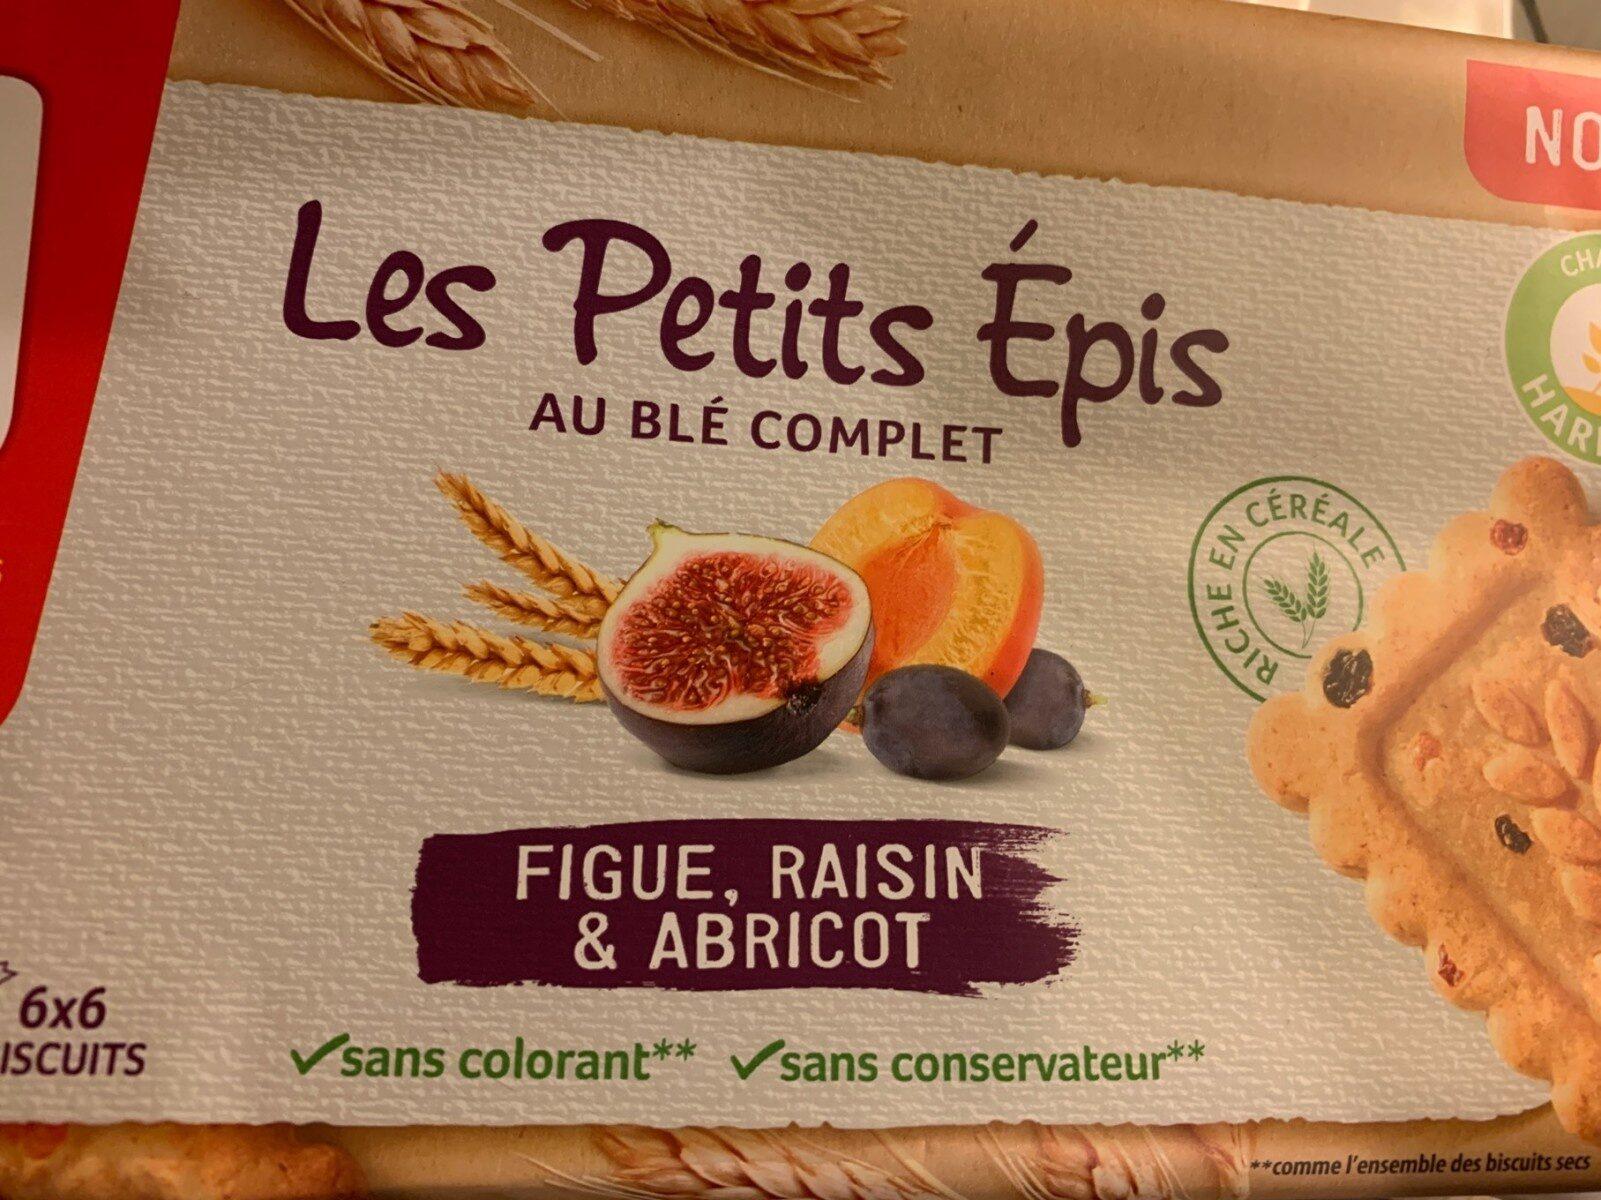 Les Petits Épis figue raisin abricot - Produit - fr